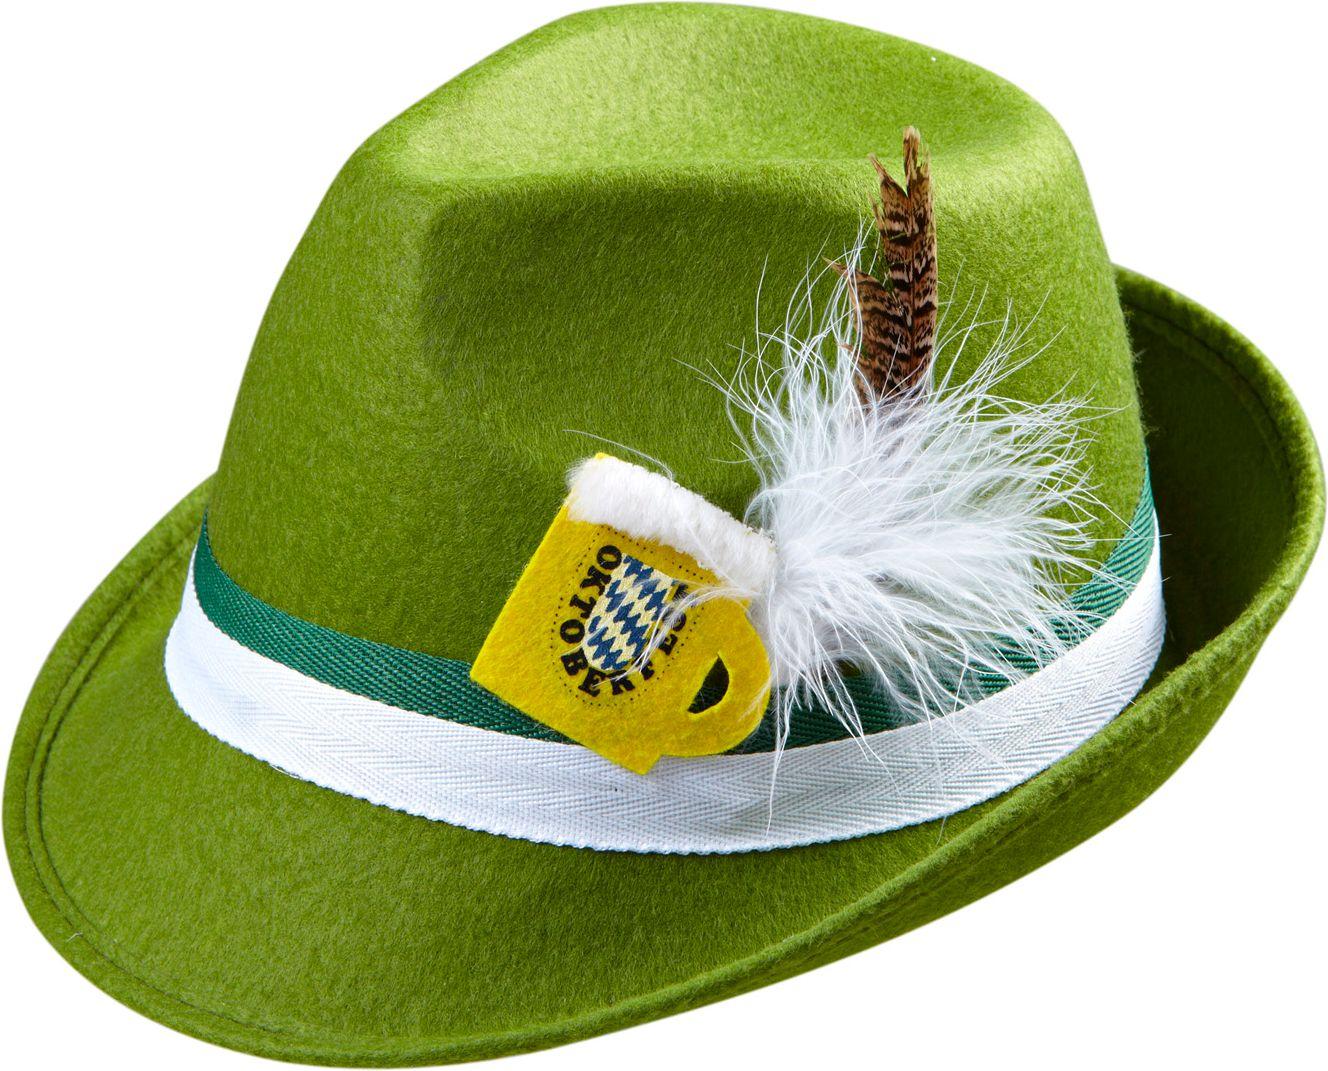 Groen Beiers hoedje